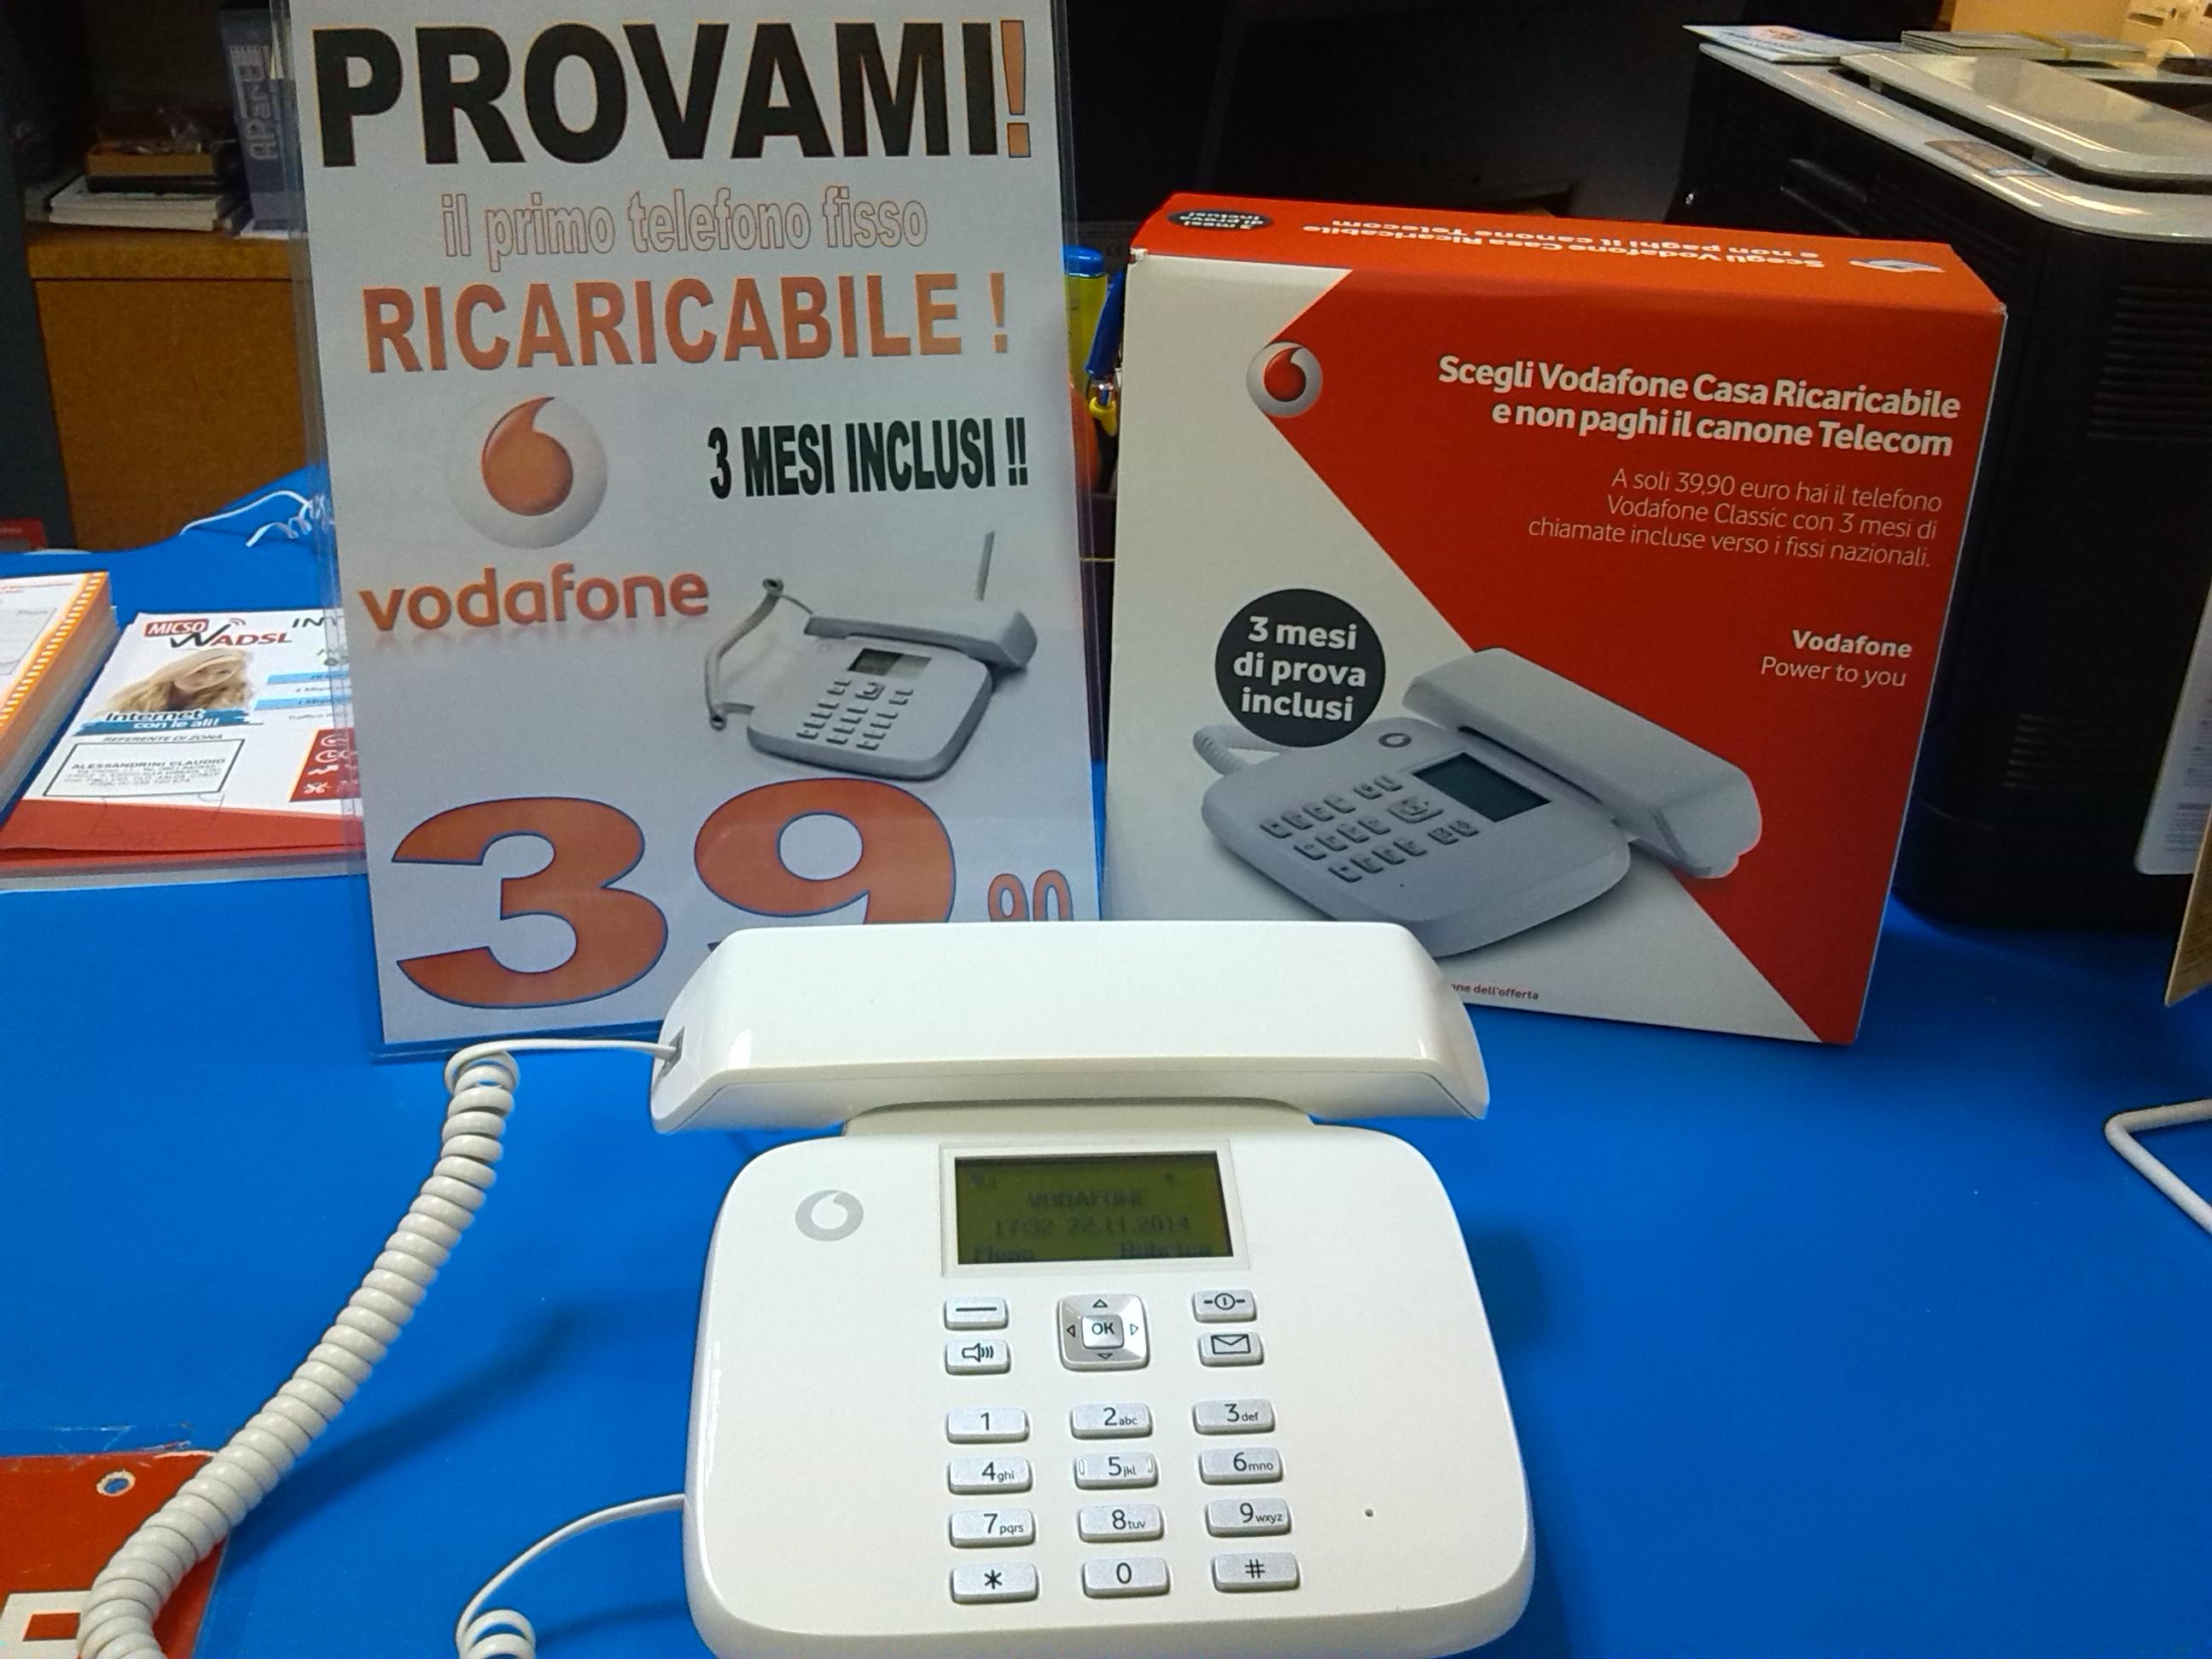 Vodafone casa ricaricabile la rivoluzione del fisso alessandrini service - Internet en casa de vodafone ...